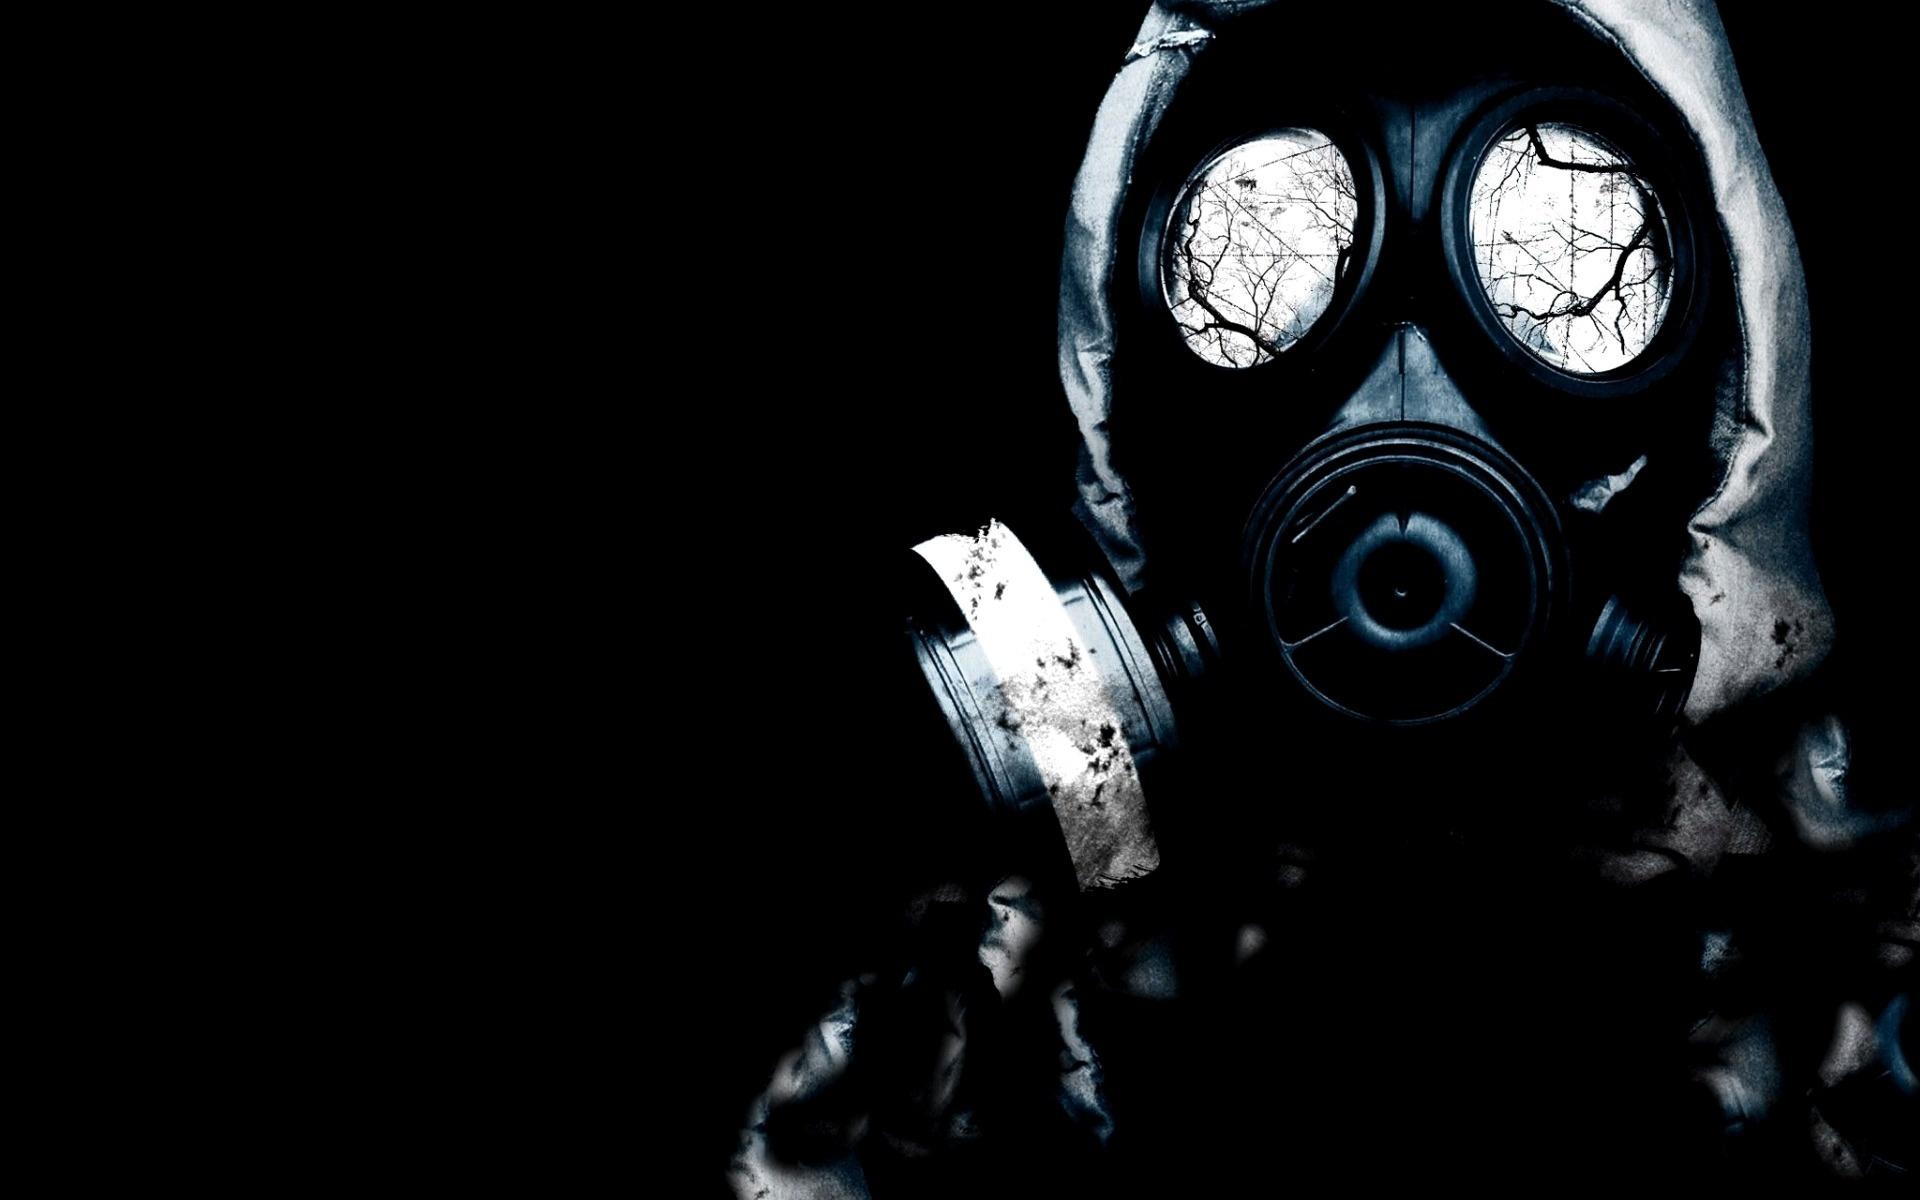 Gas Mask clipart skrillex Masks Masks Cool wallpaper Gas